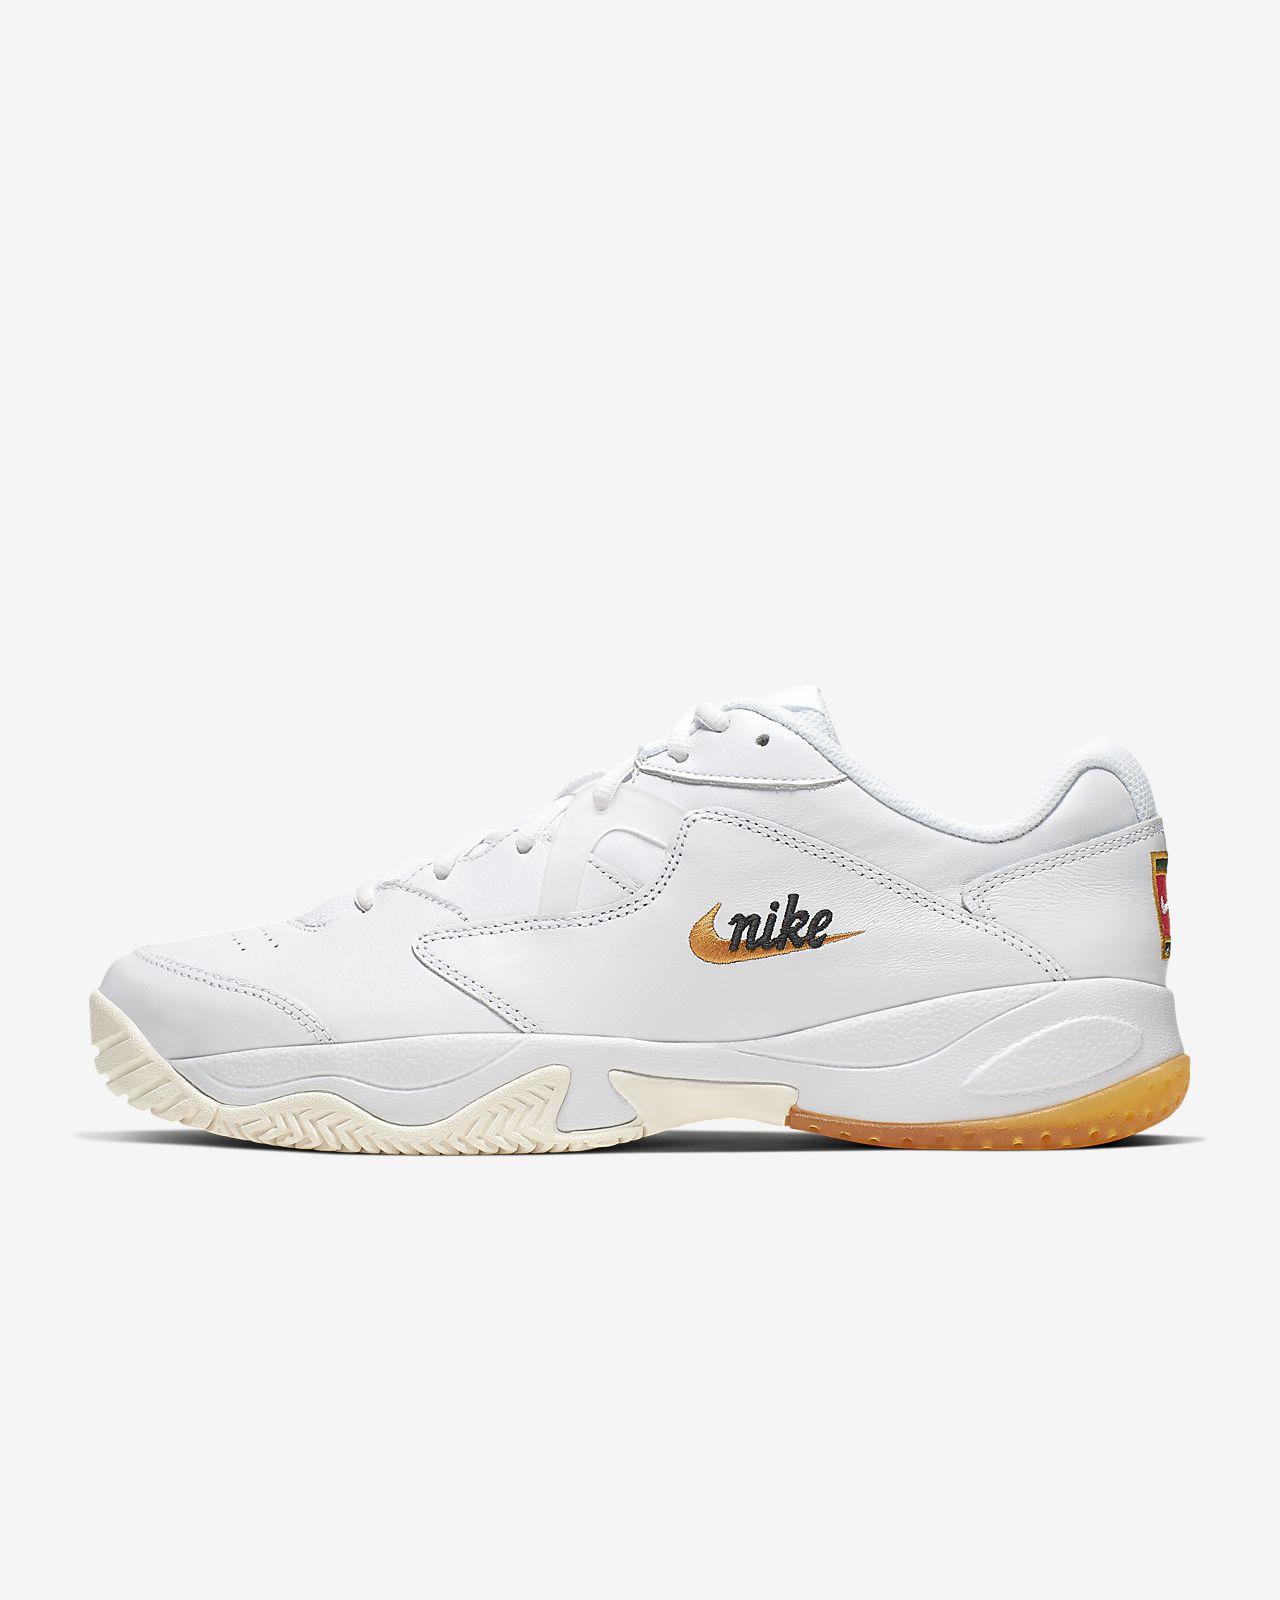 NikeCourt Lite 2 Premium Tennisschoen voor heren CJ6781-100